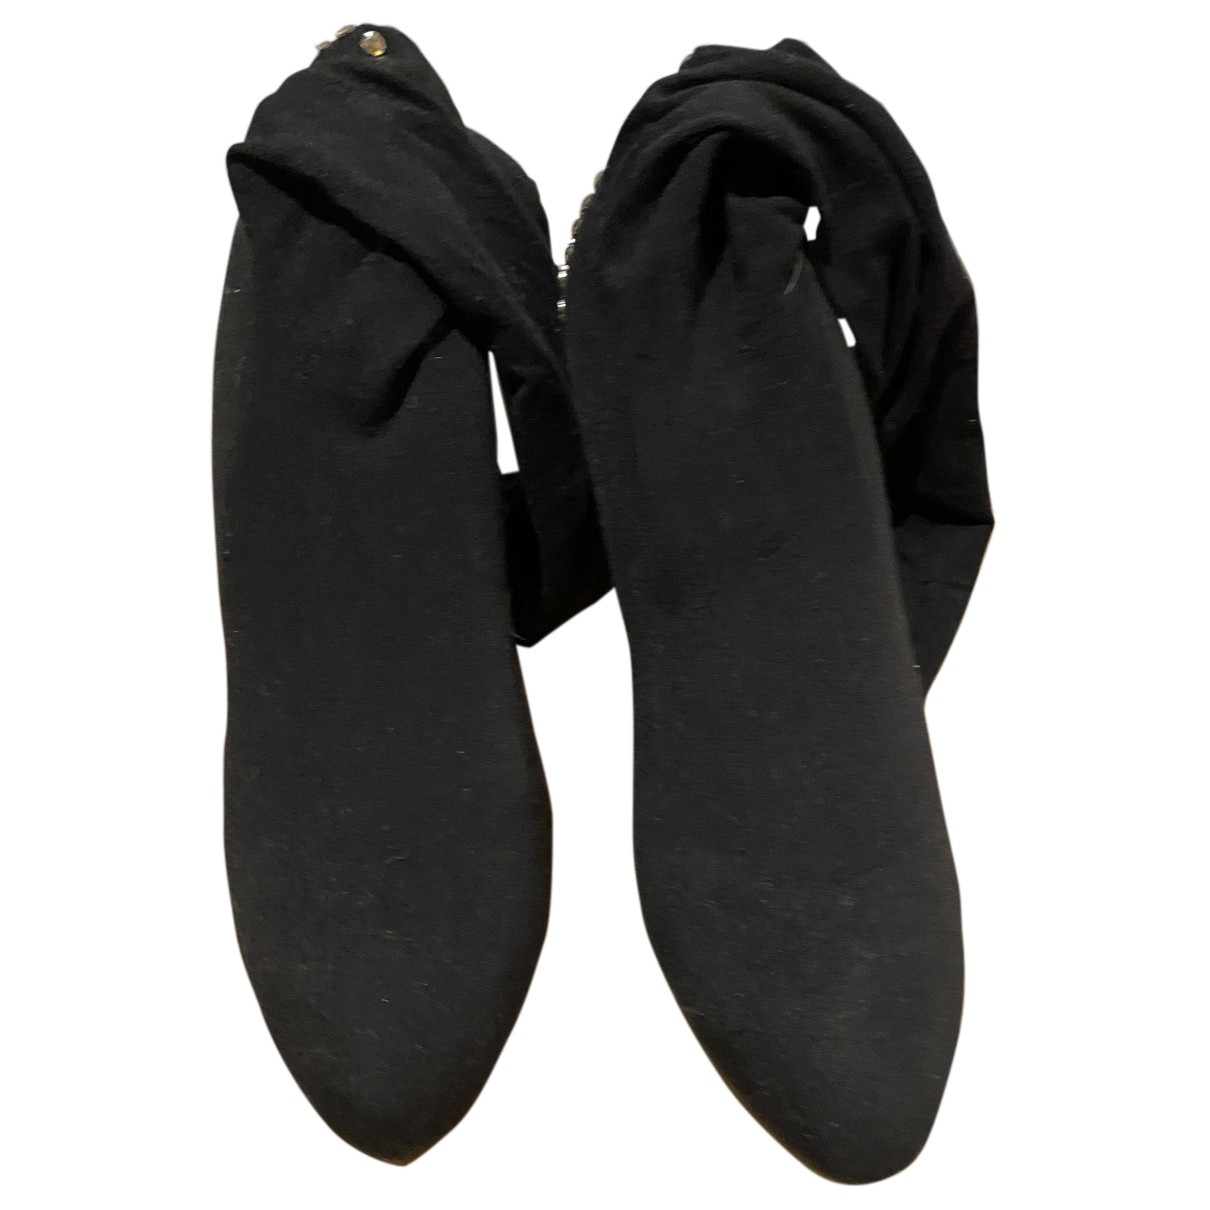 Rene Caovilla - Bottes   pour femme en toile - noir